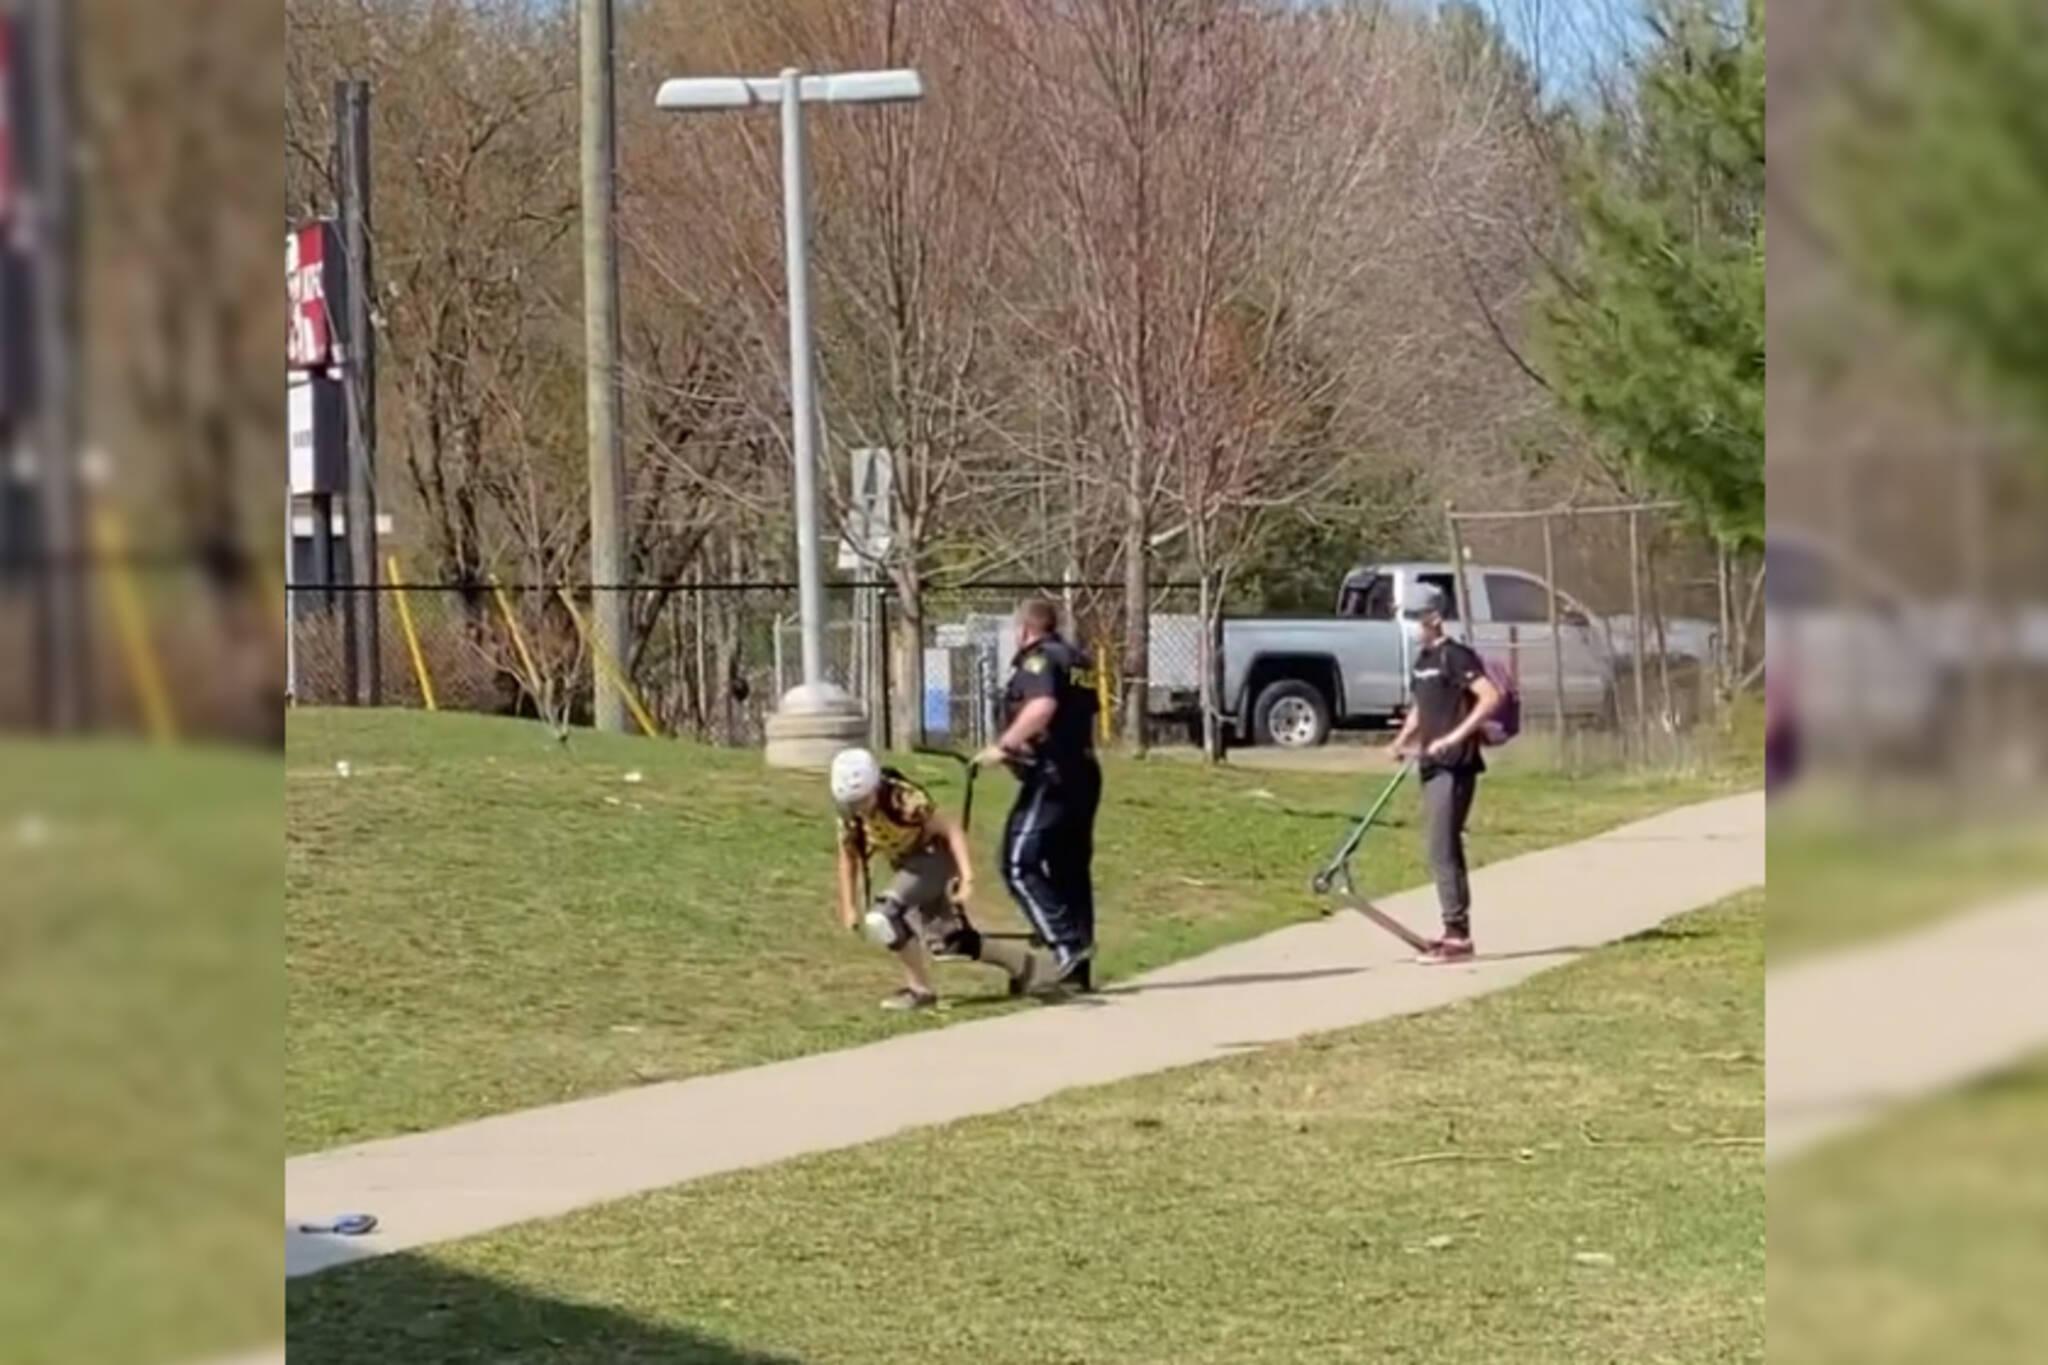 gravenhurst skatepark police